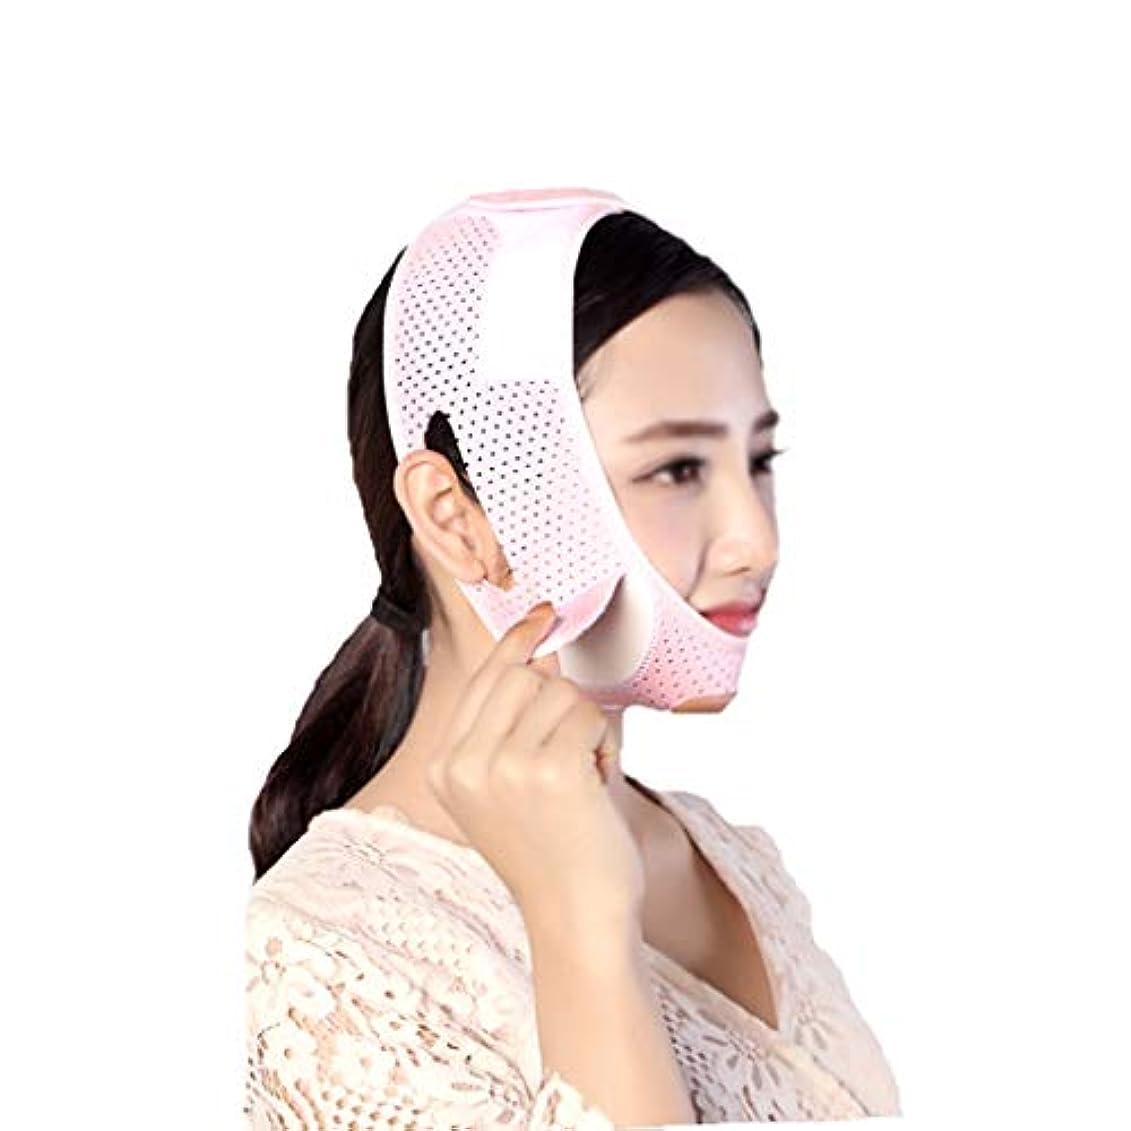 聖歌レベル動機付けるフェイスリフティング包帯、フェイス減量包帯、フェイシャルファーミングマスク、ダブルチン減量ベルト (Size : M)